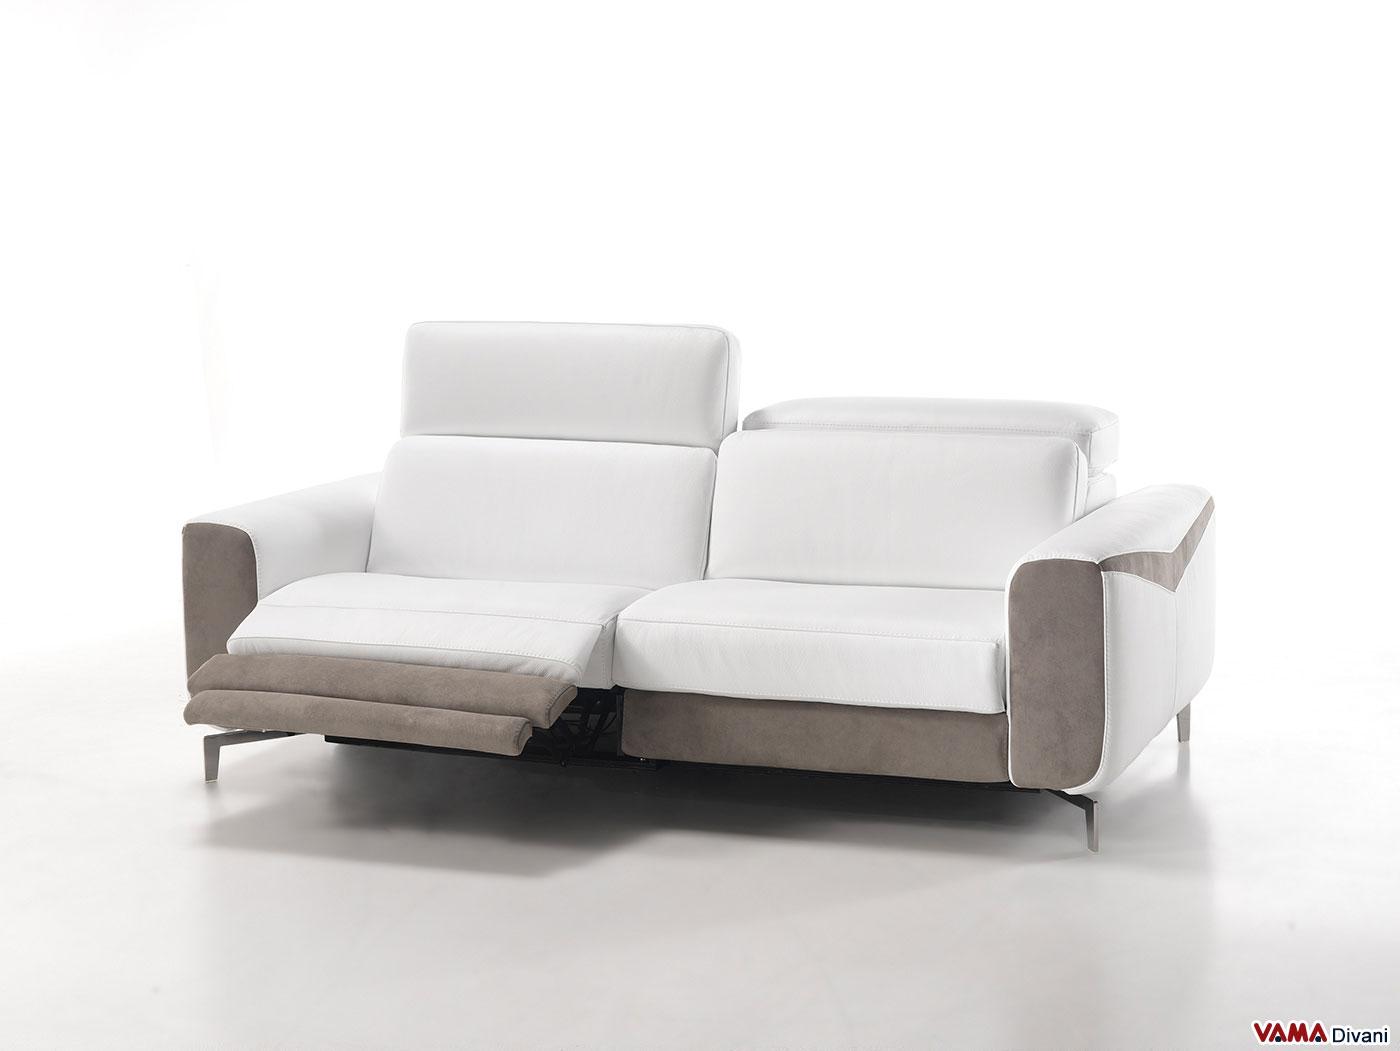 Le principali caratteristiche dei divani relax for I migliori divani 2016